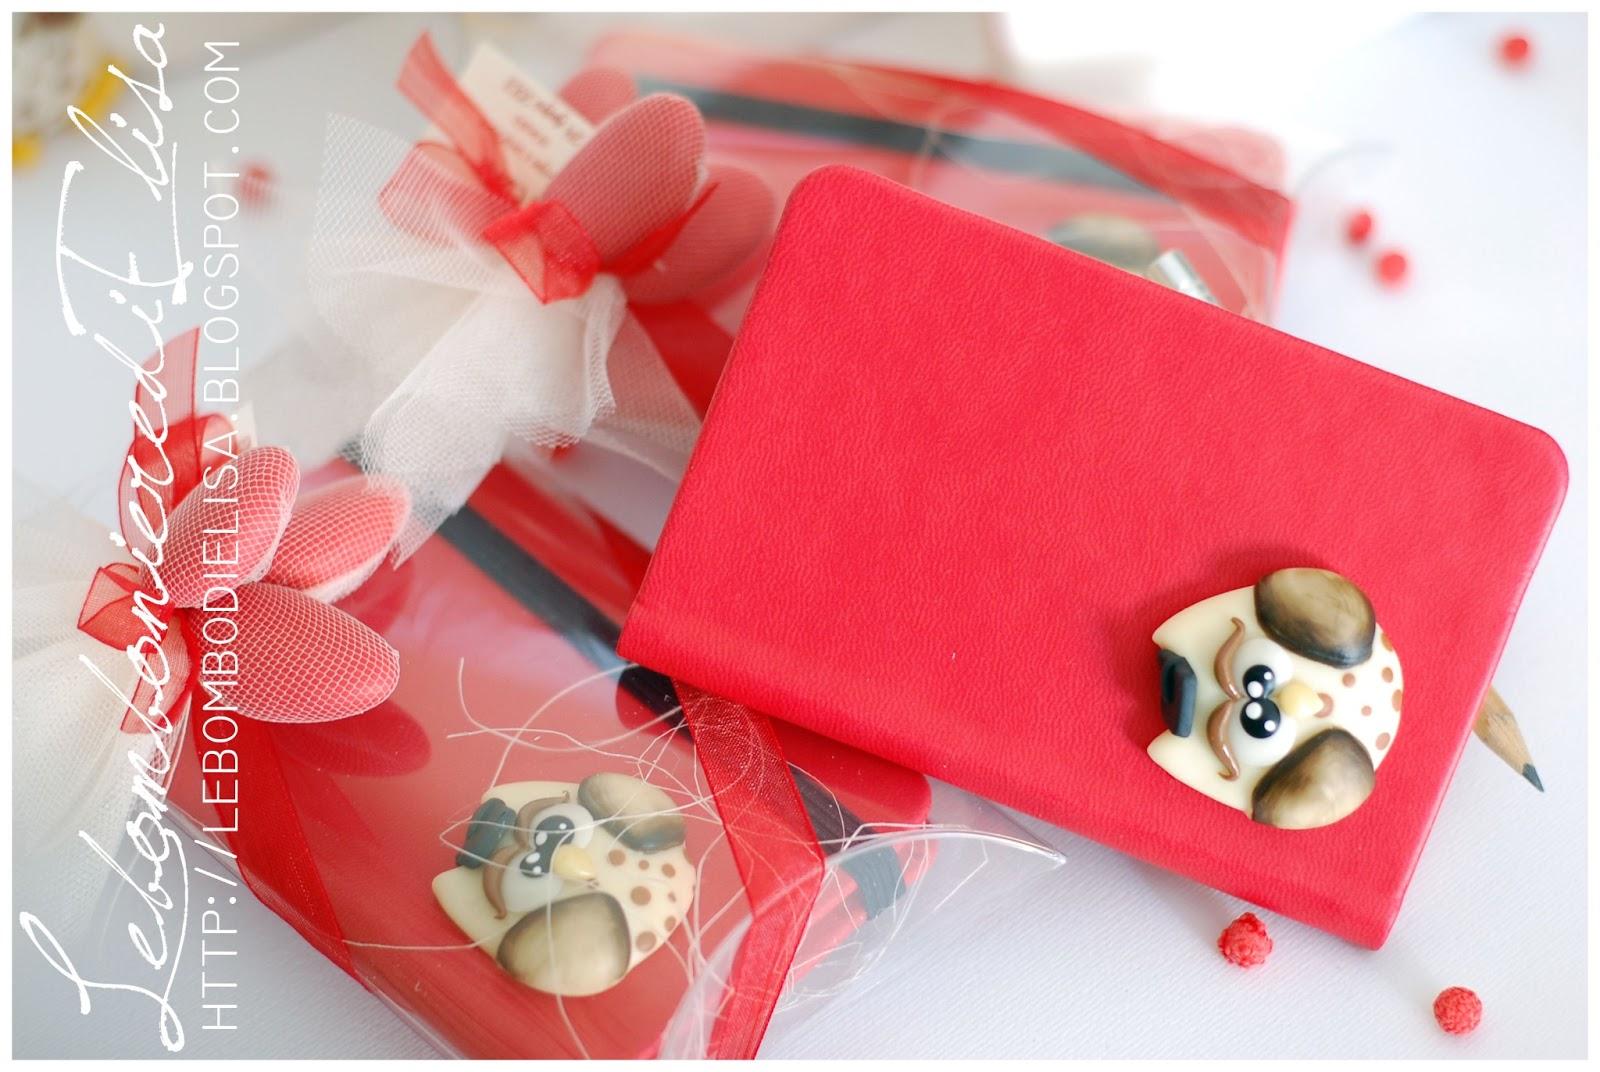 NOVITÀ  Collezione agendine laurea con applicazione gufo flat. La bomboniera  è venduta completa di scatola 5c2f22a43398